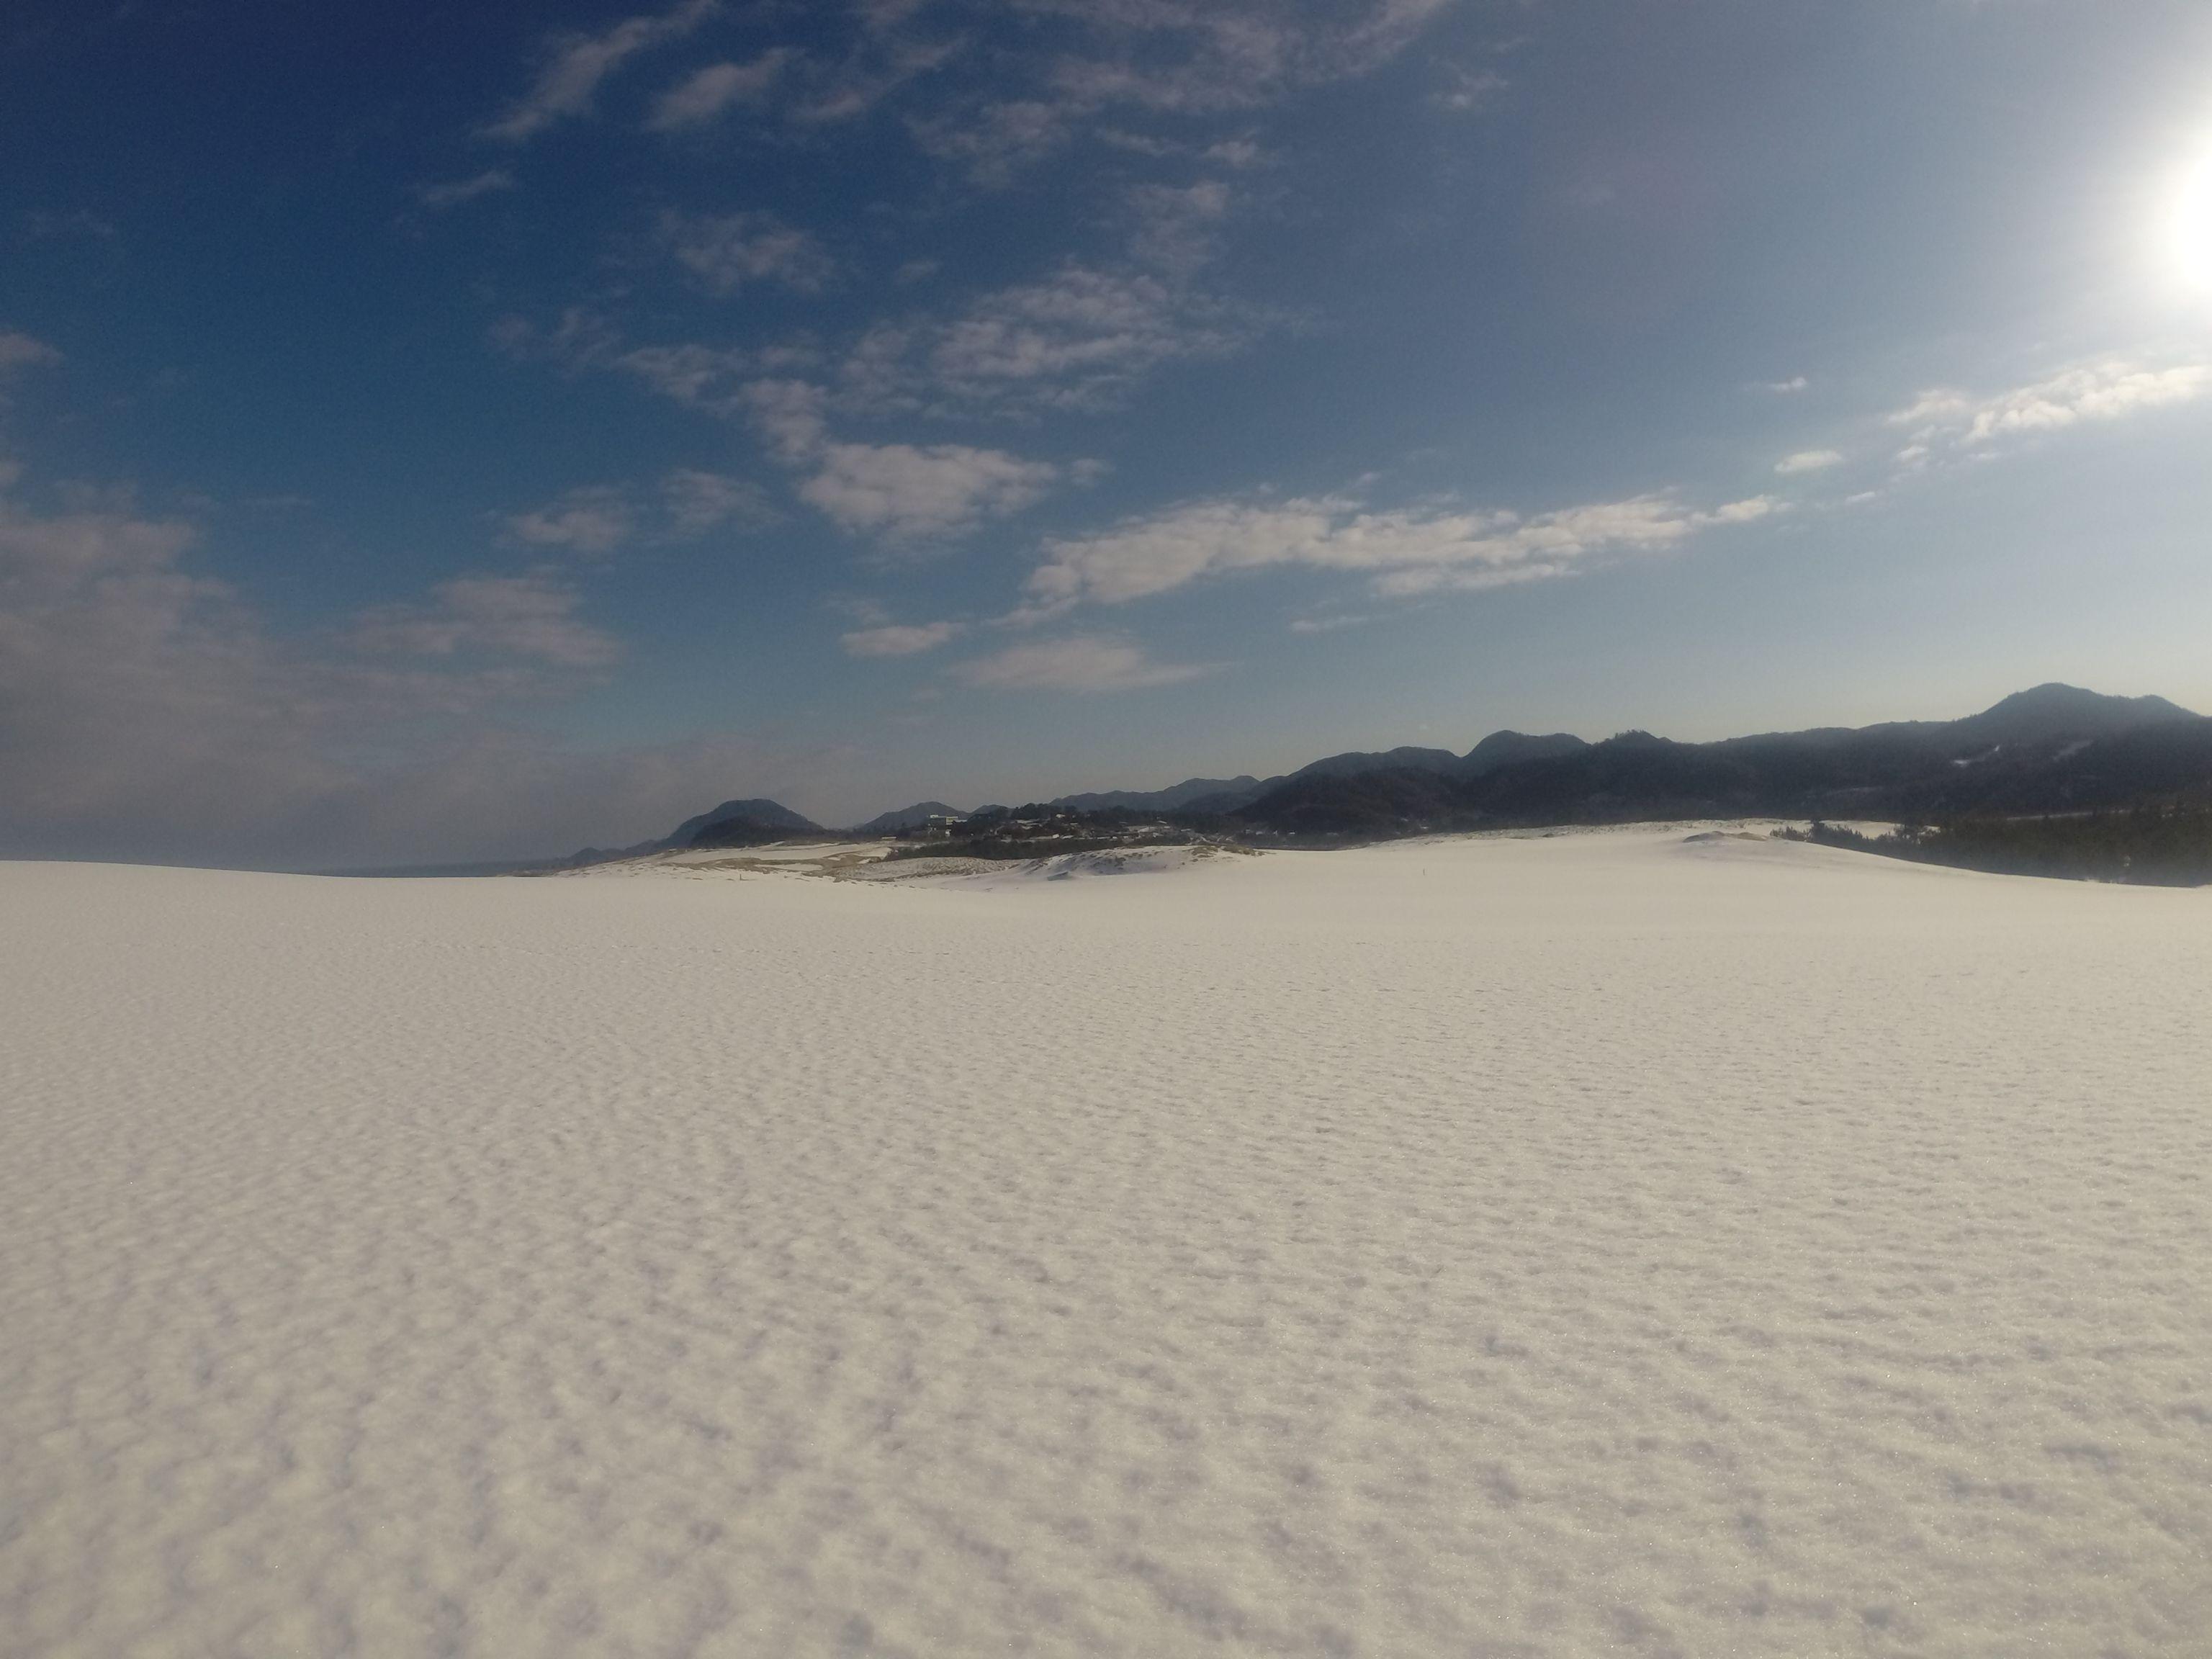 美しい白銀世界の鳥取砂丘